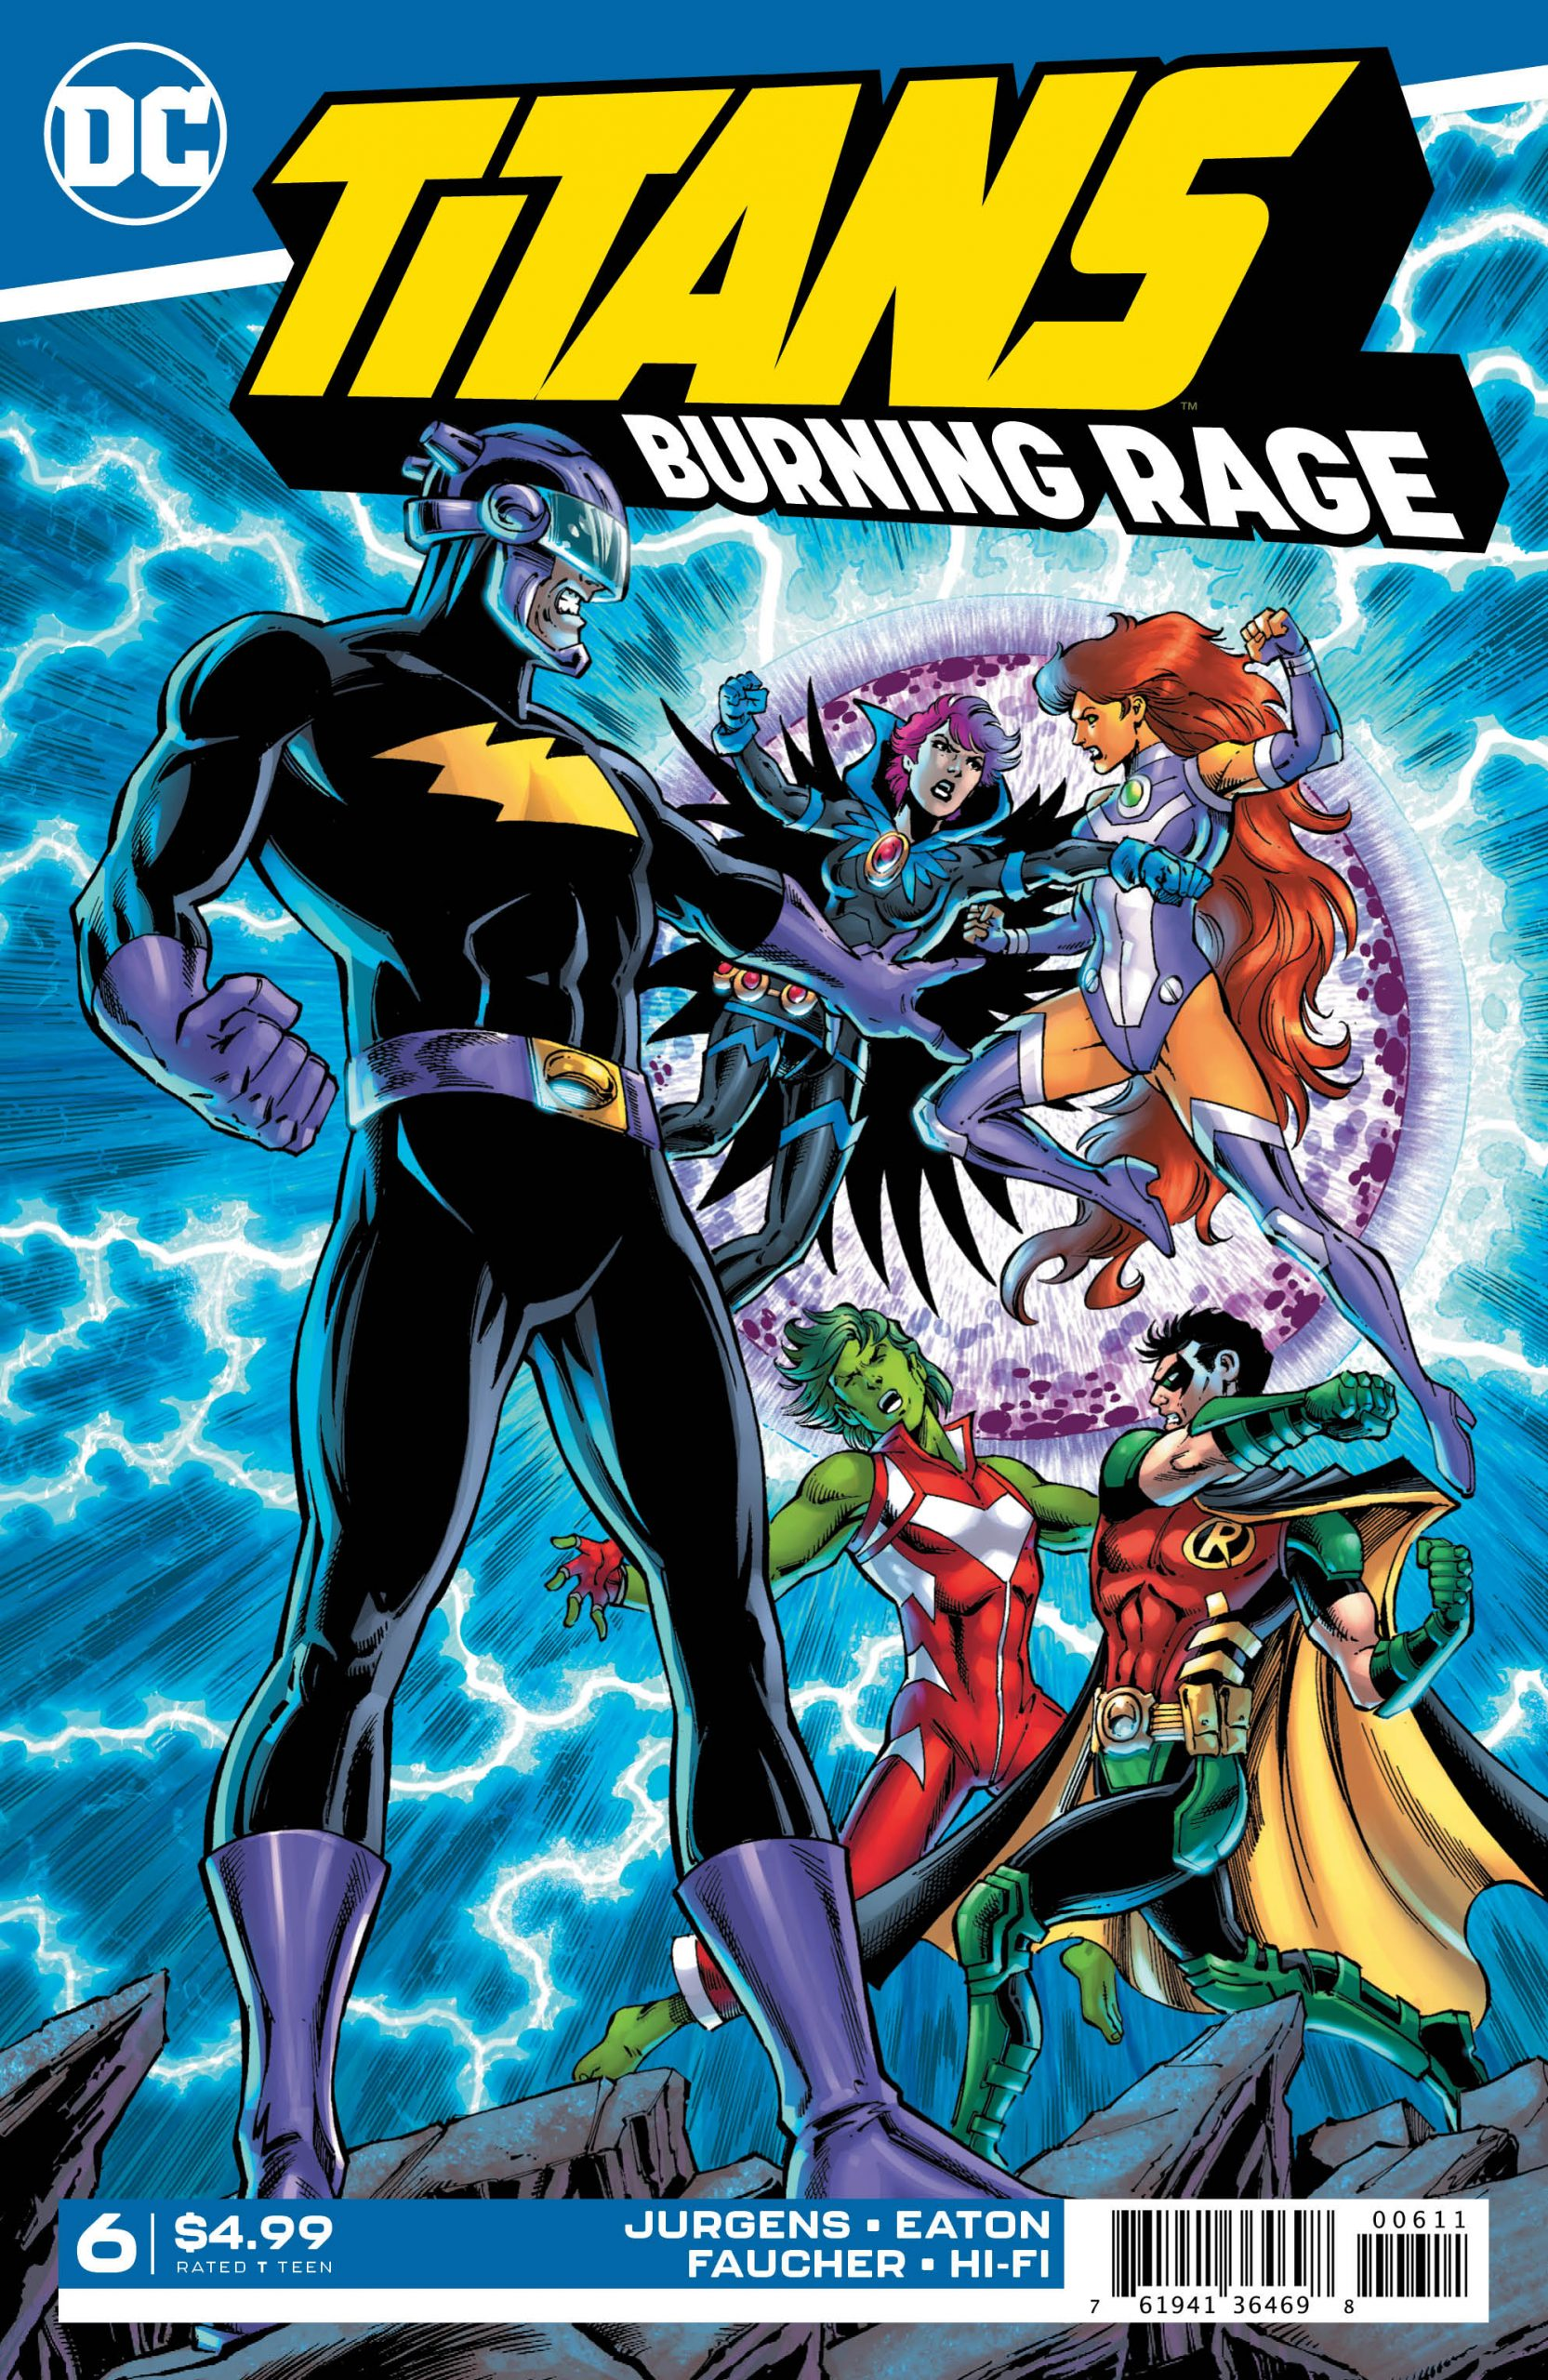 Titans - Burning Rage #6